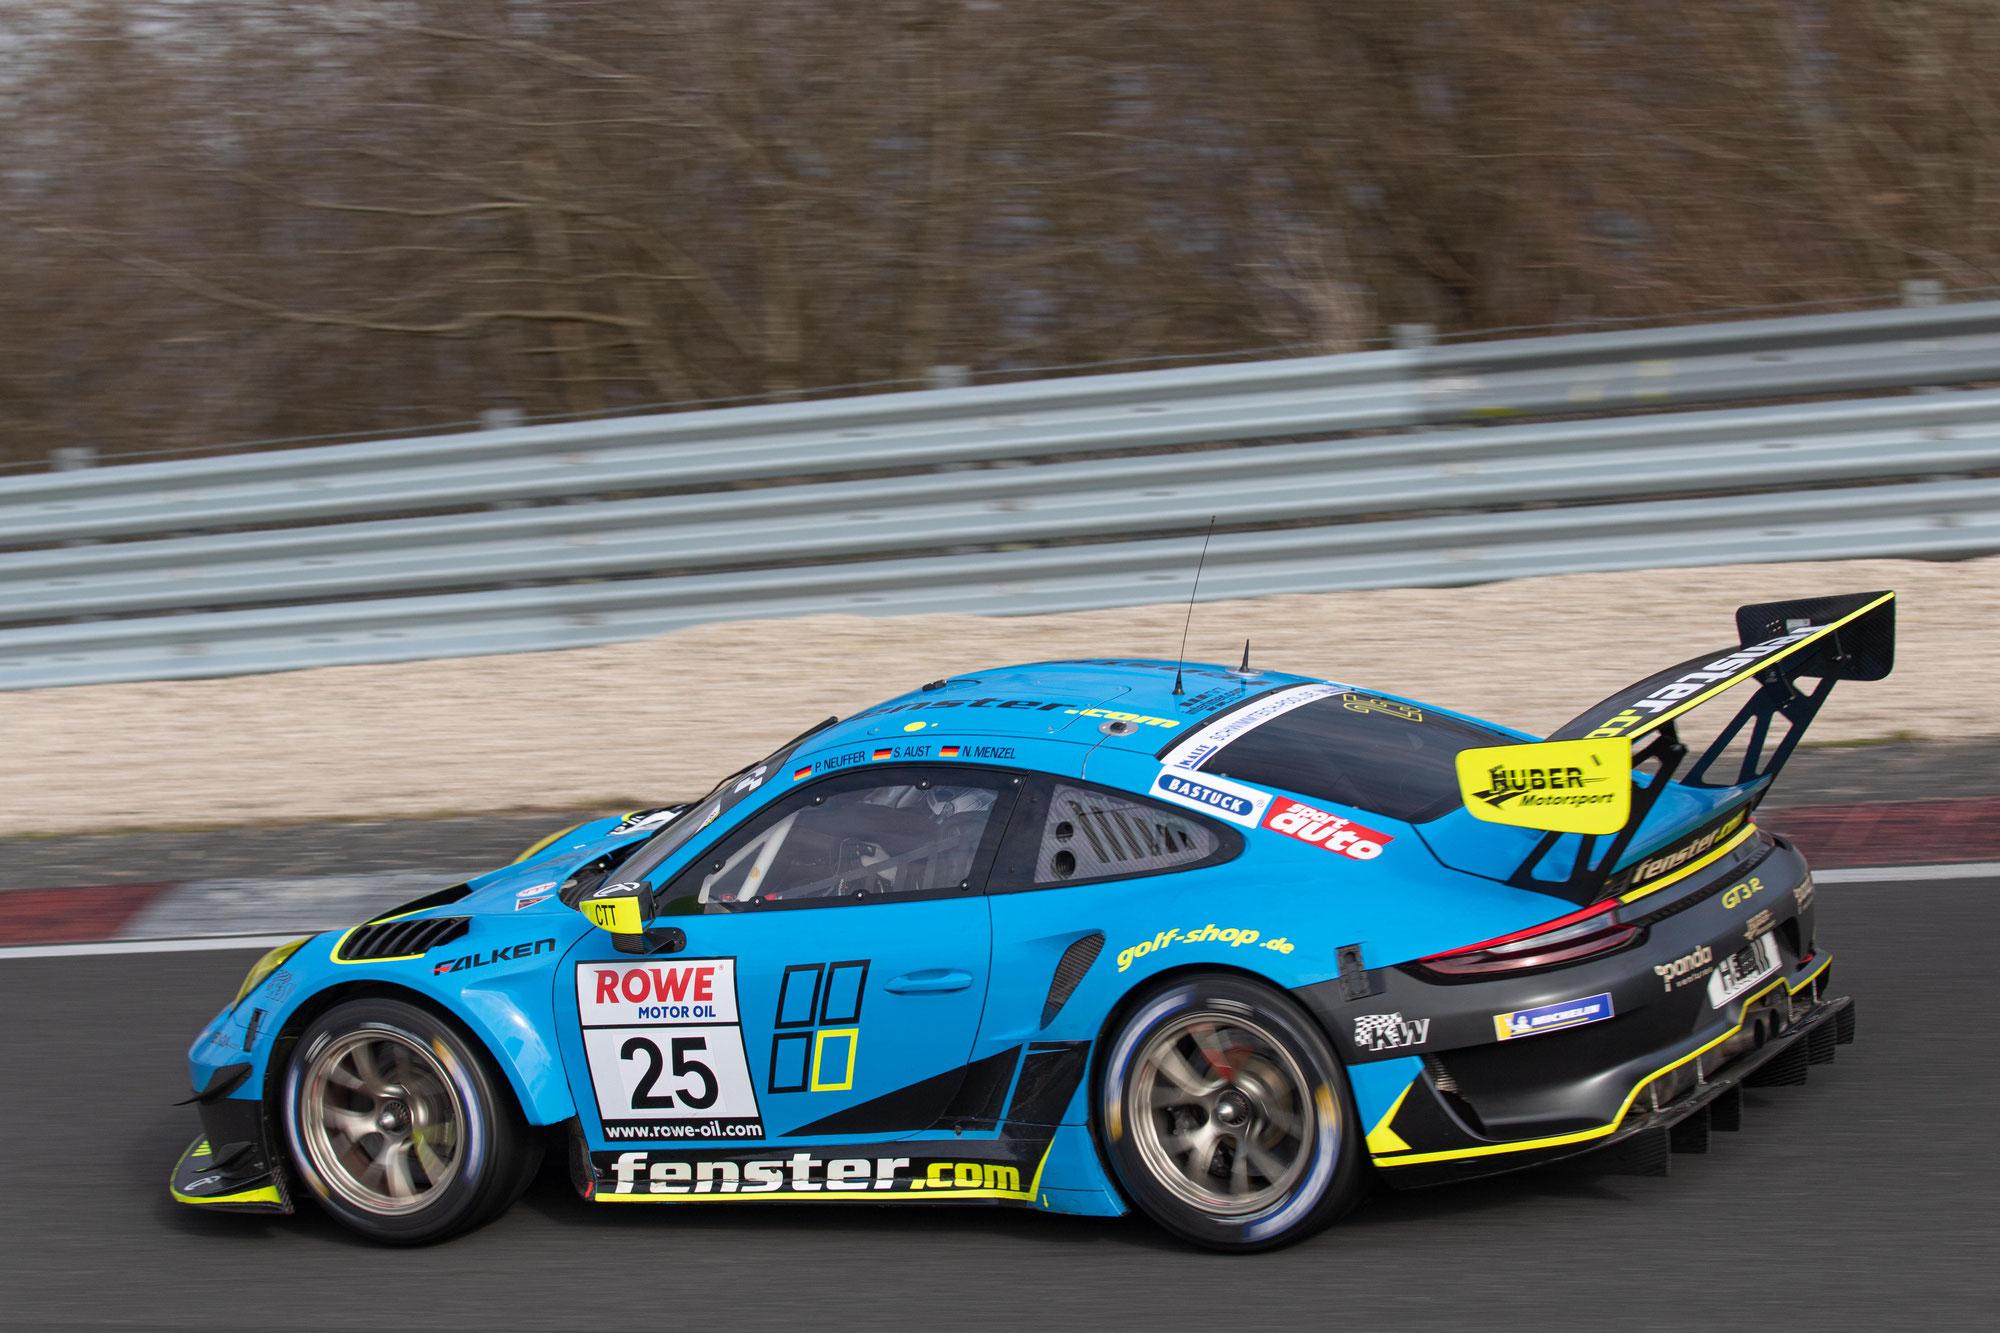 Huber Motorsport gewinnt die SP7 Klasse bei NLS3 und holt sich den dritten Platz in der SP9 Pro-Am